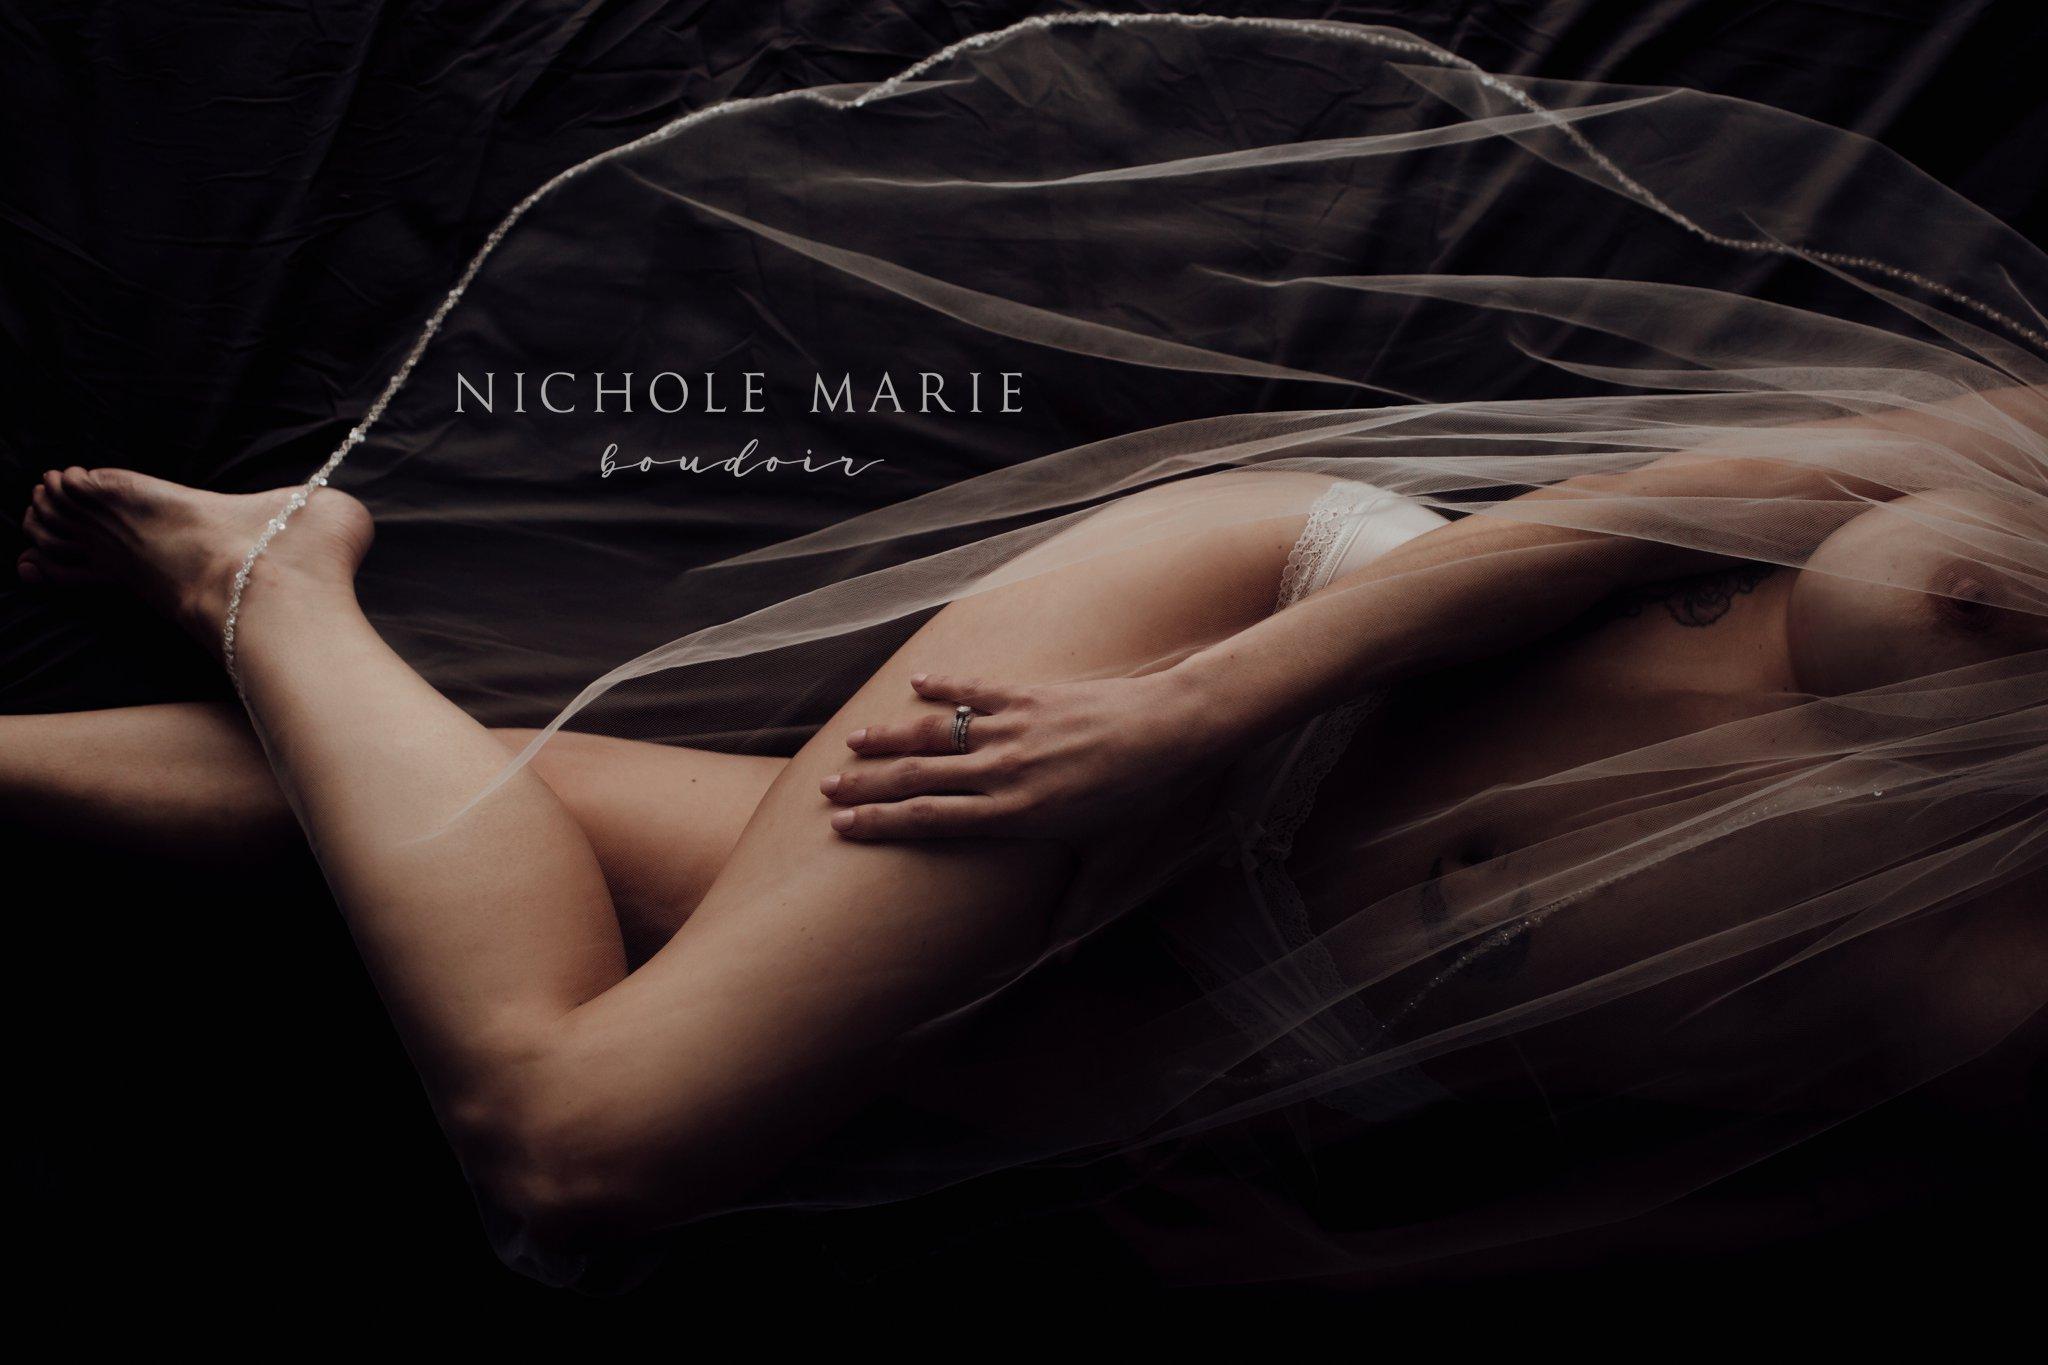 SEBASTIAN FLORIDA BOUDOIR PHOTOGRAPHER | NICHOLE MARIE BOUDOIR_0321.jpg